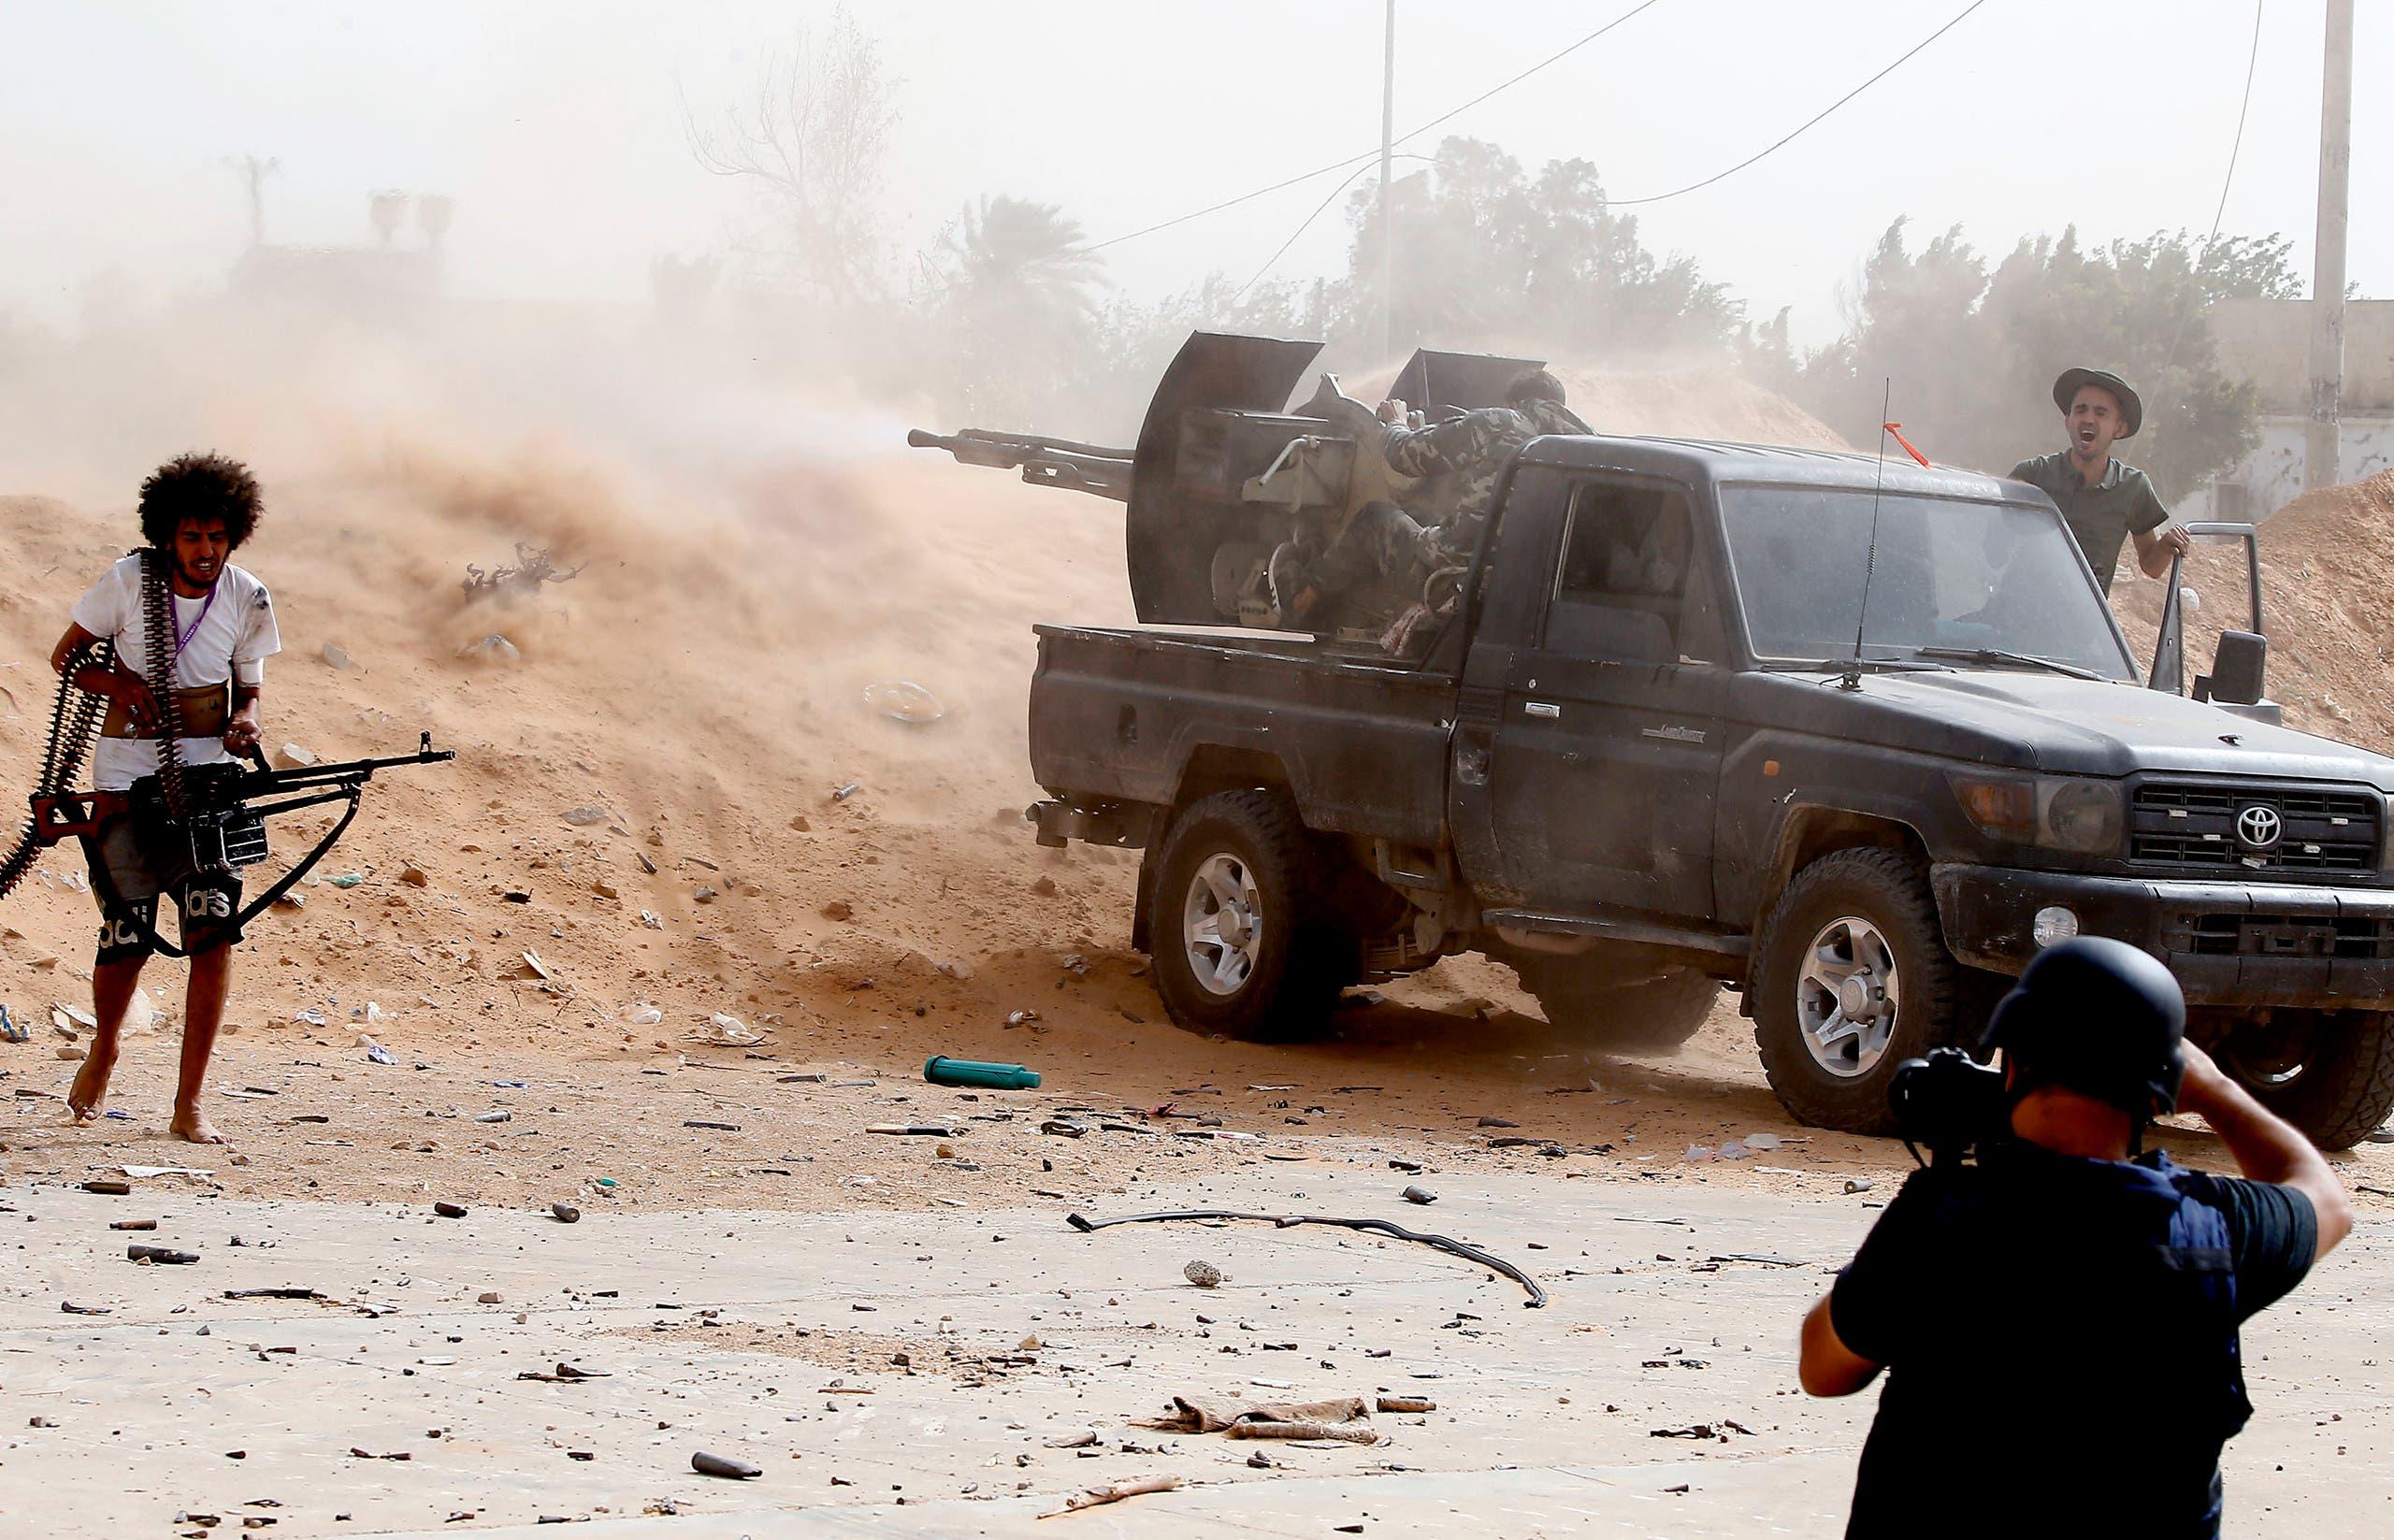 عناصر من ميليشيات تقاتل إلى جانب الوفاق في طرابلس (فرانس برس)